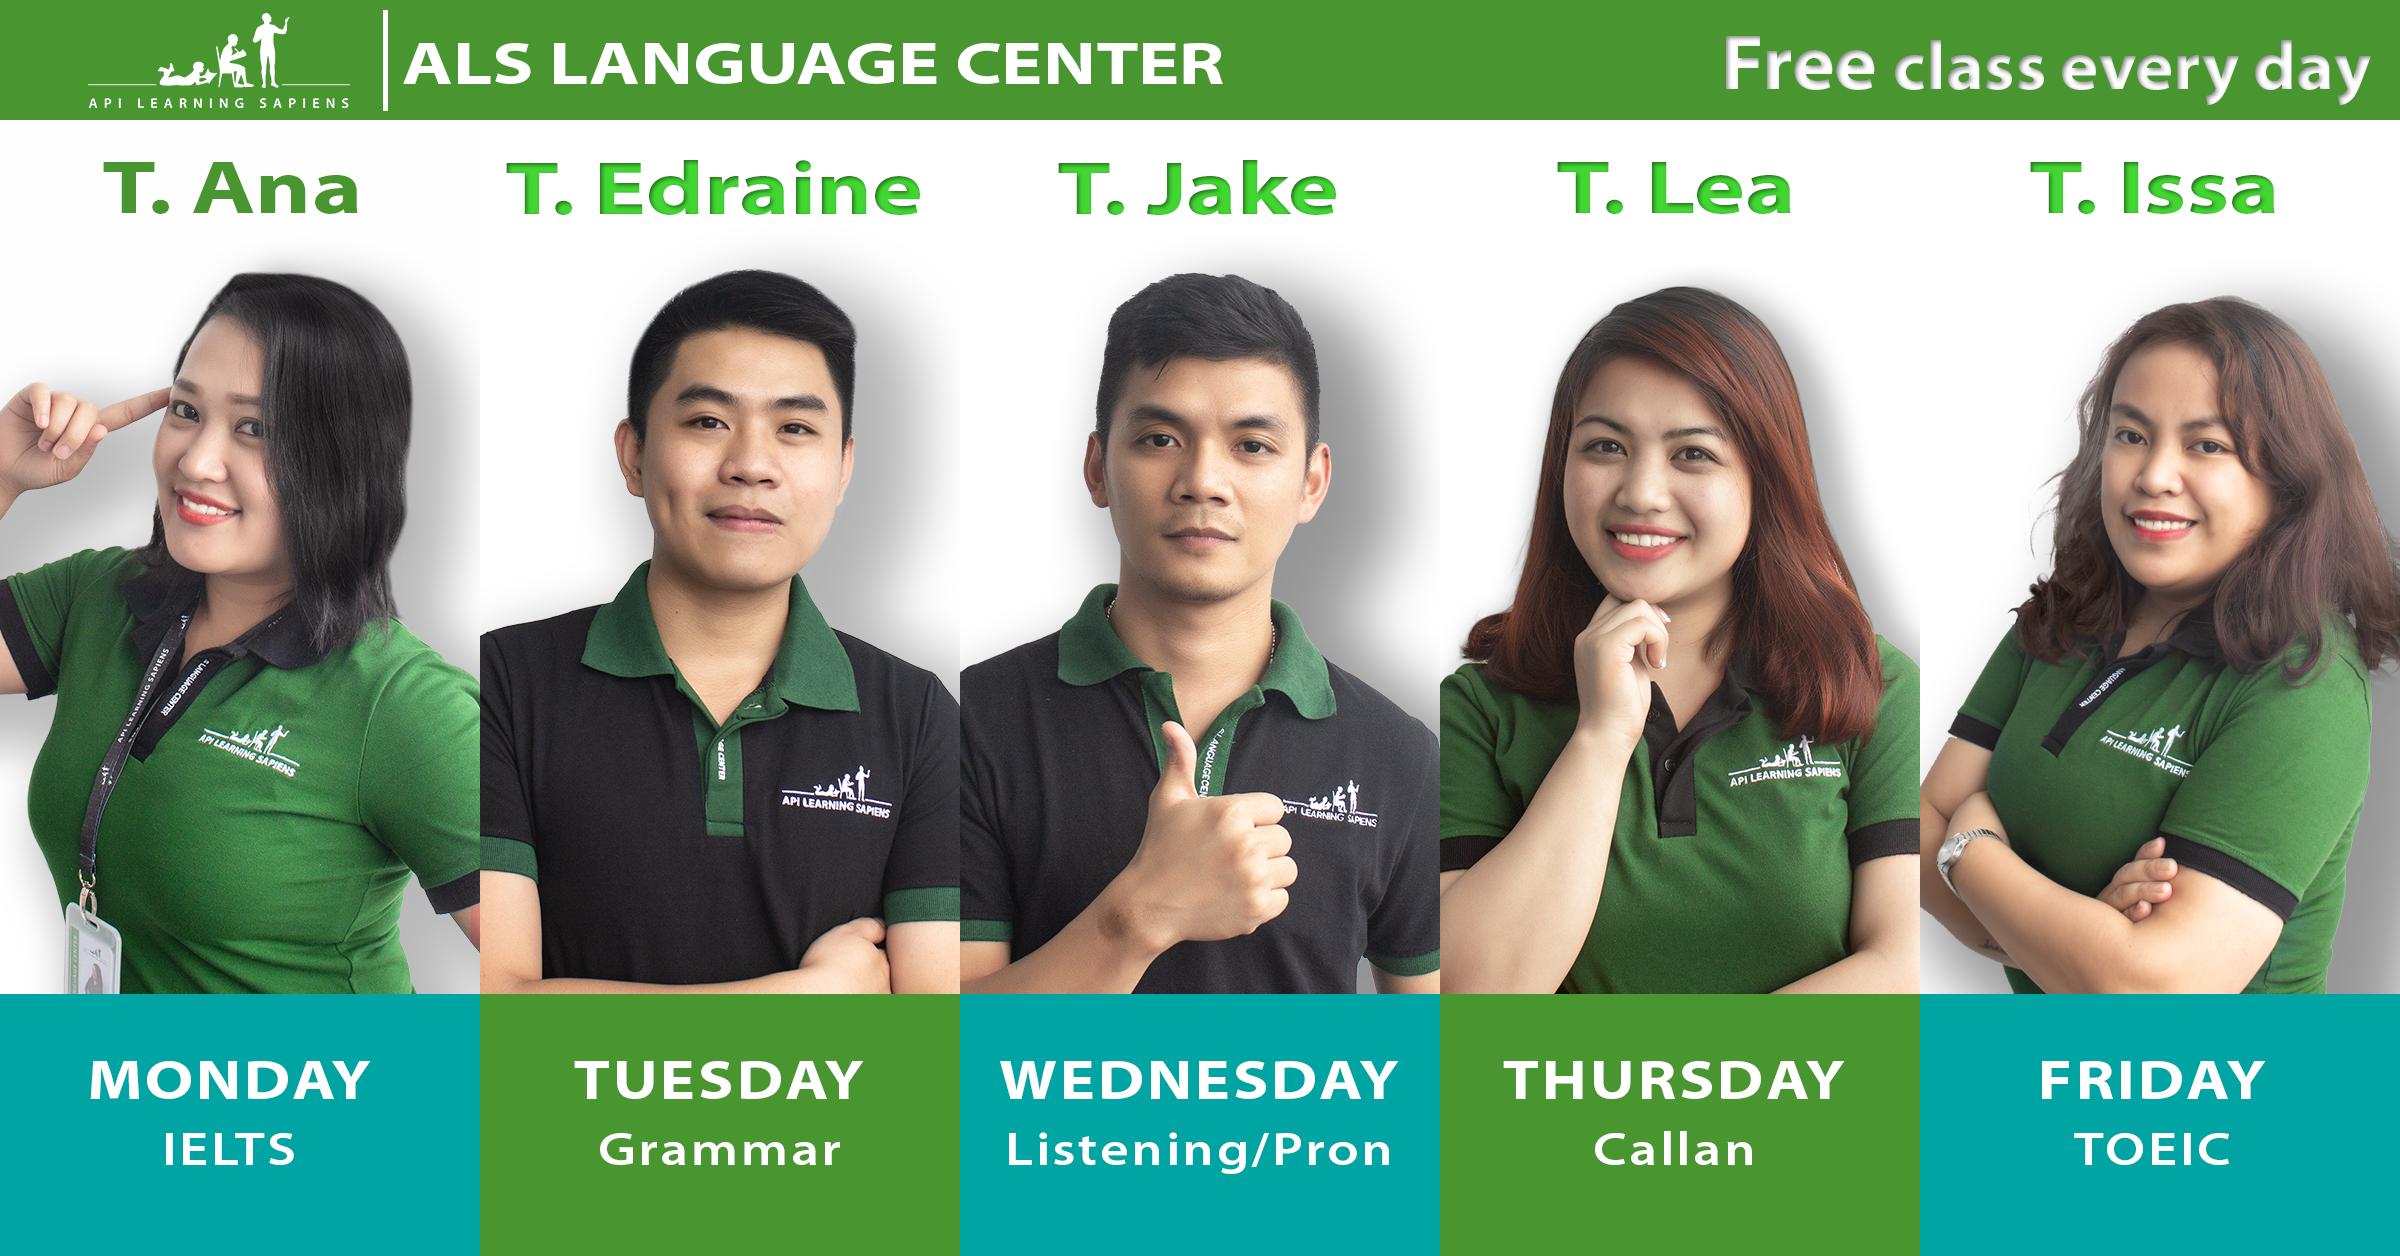 b587675fd94db Học tiếng anh miễn phí một tuần trực tiếp tại Philippines